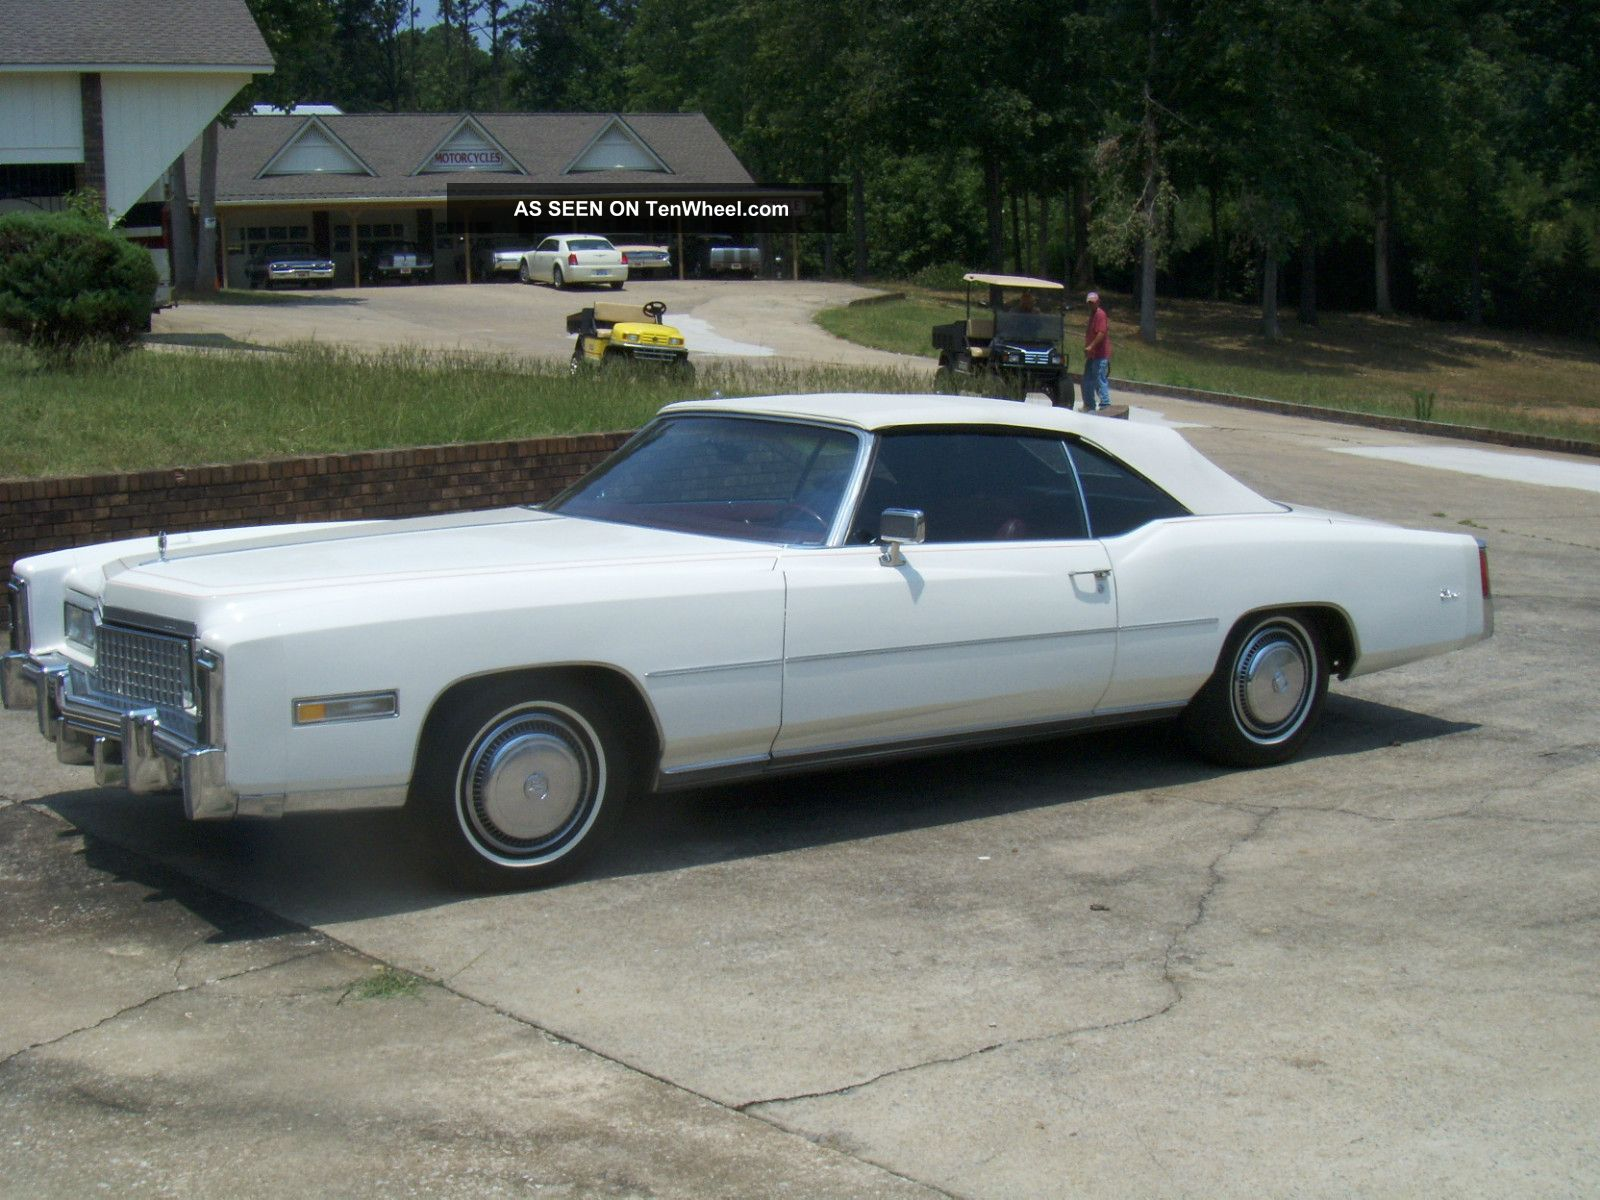 1975 Cadillac El Dorado